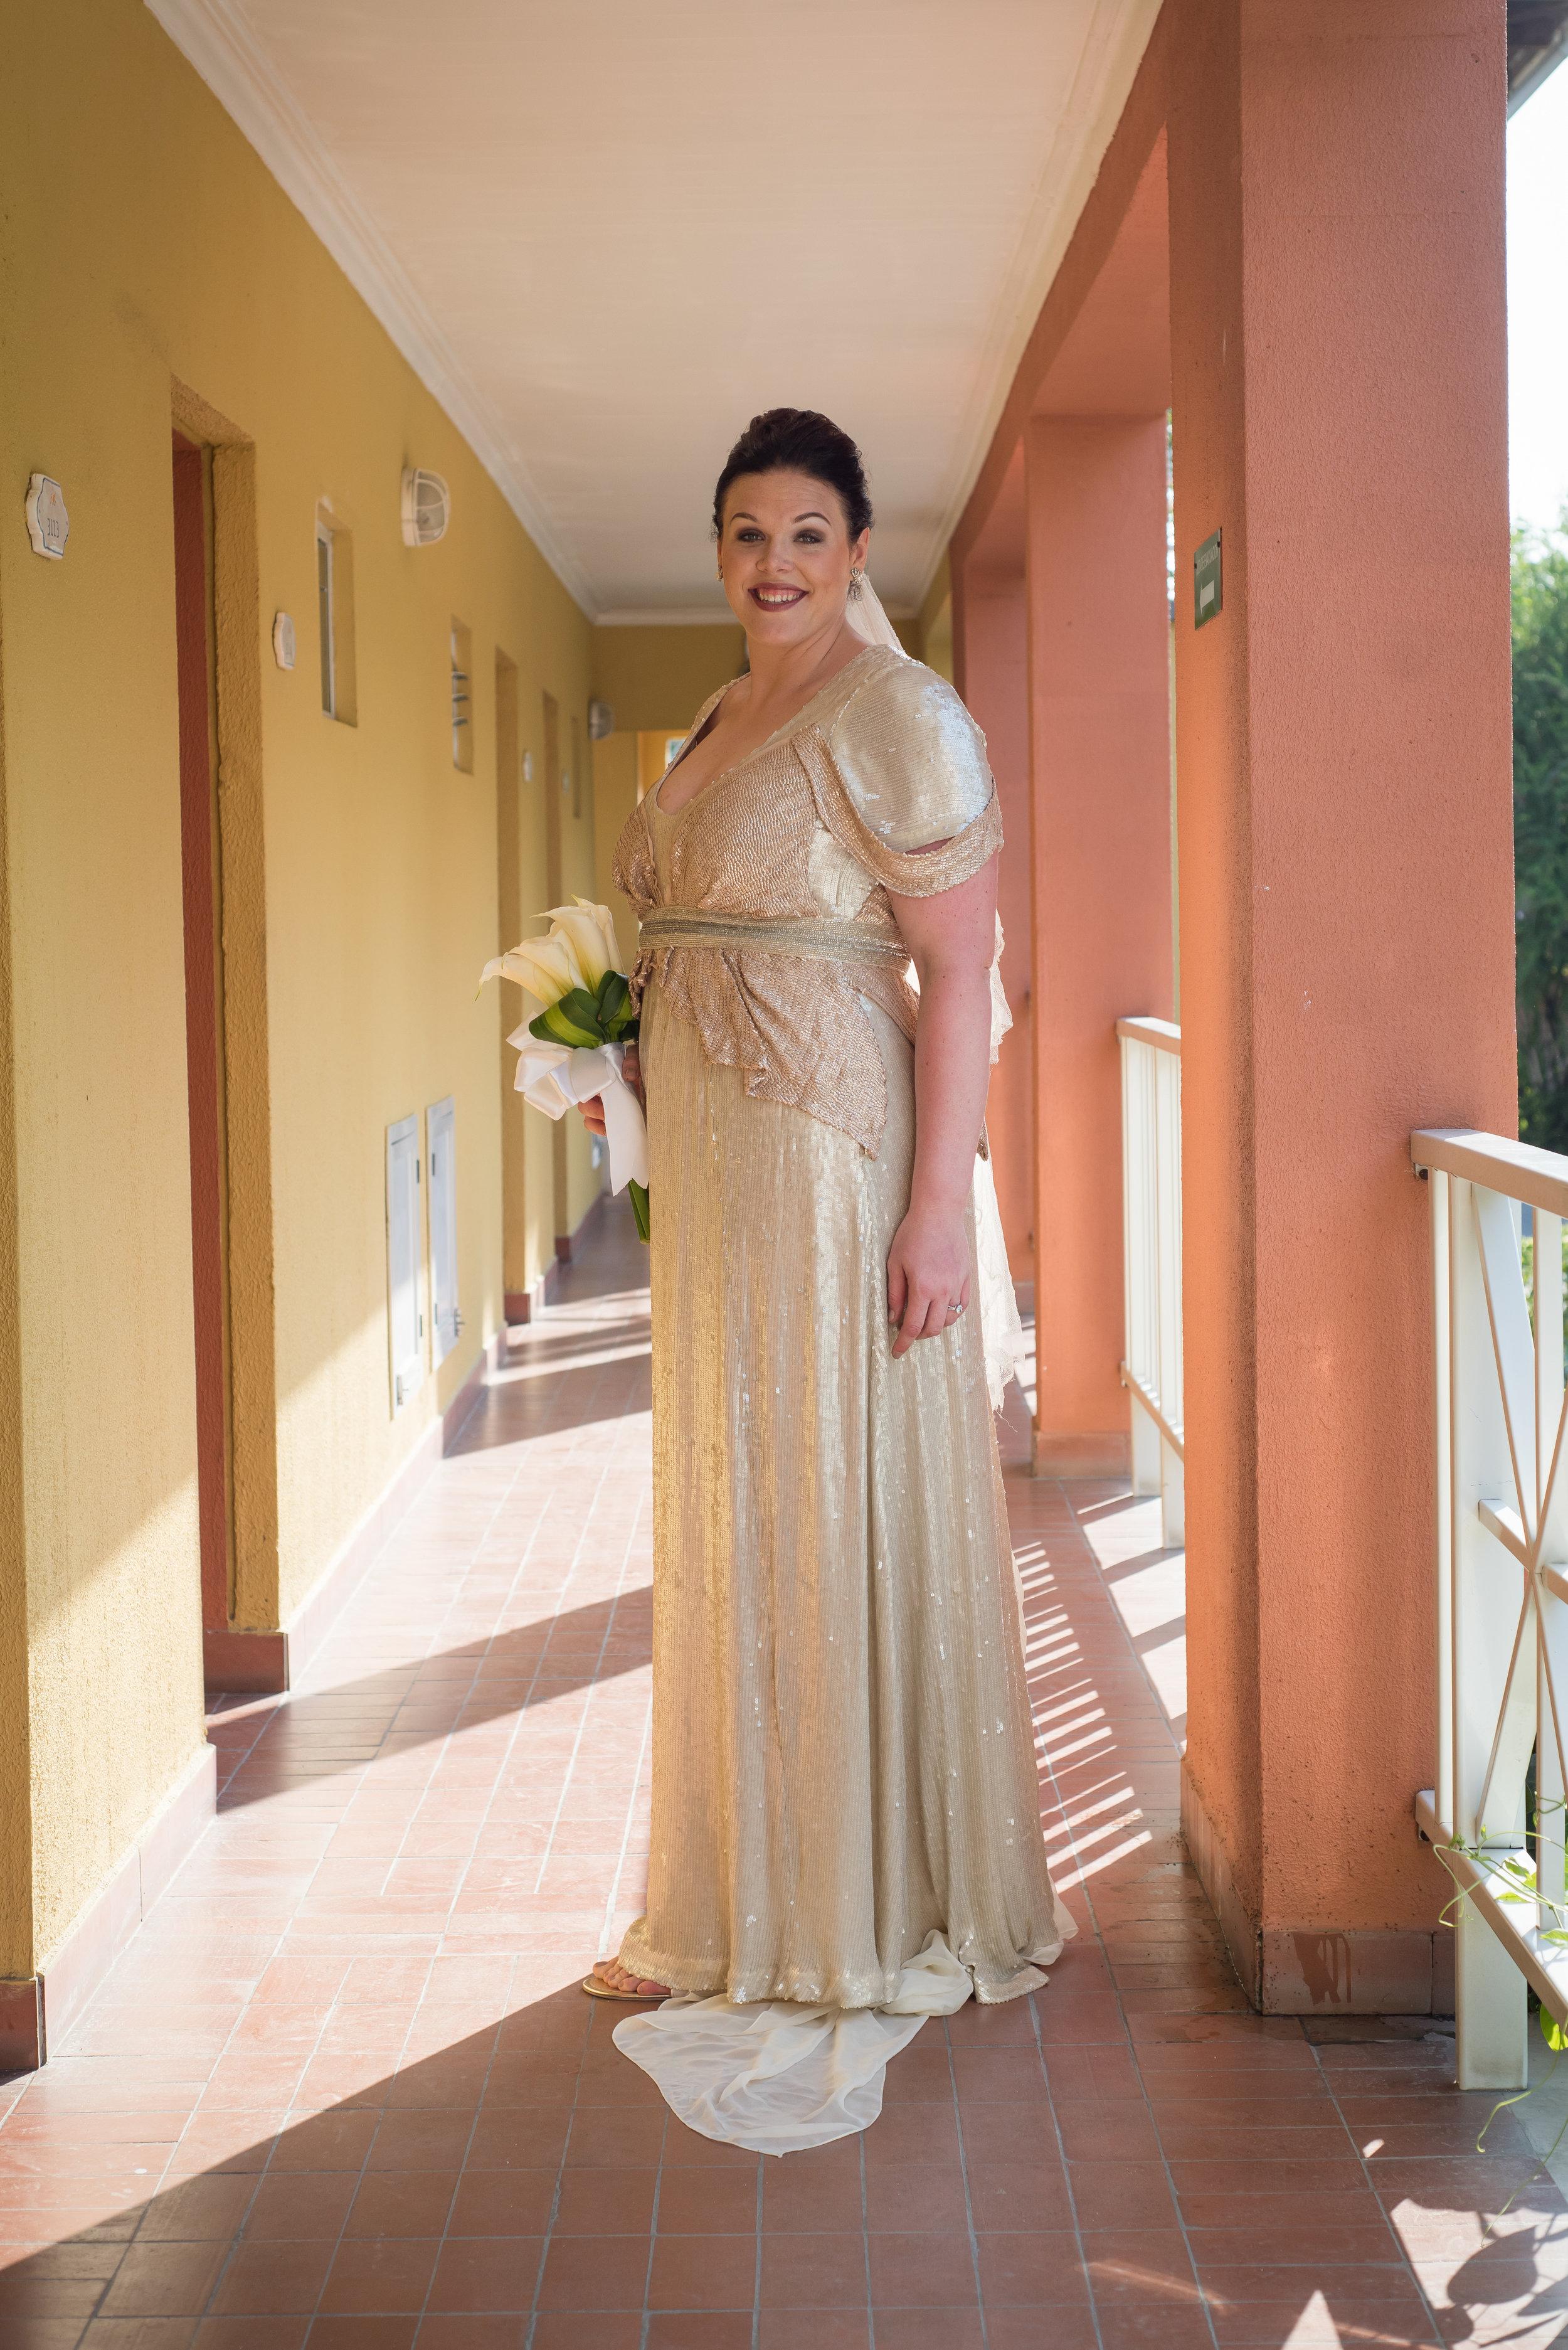 Carol Hannah Bridal Custom Weddign Gown 4.jpg